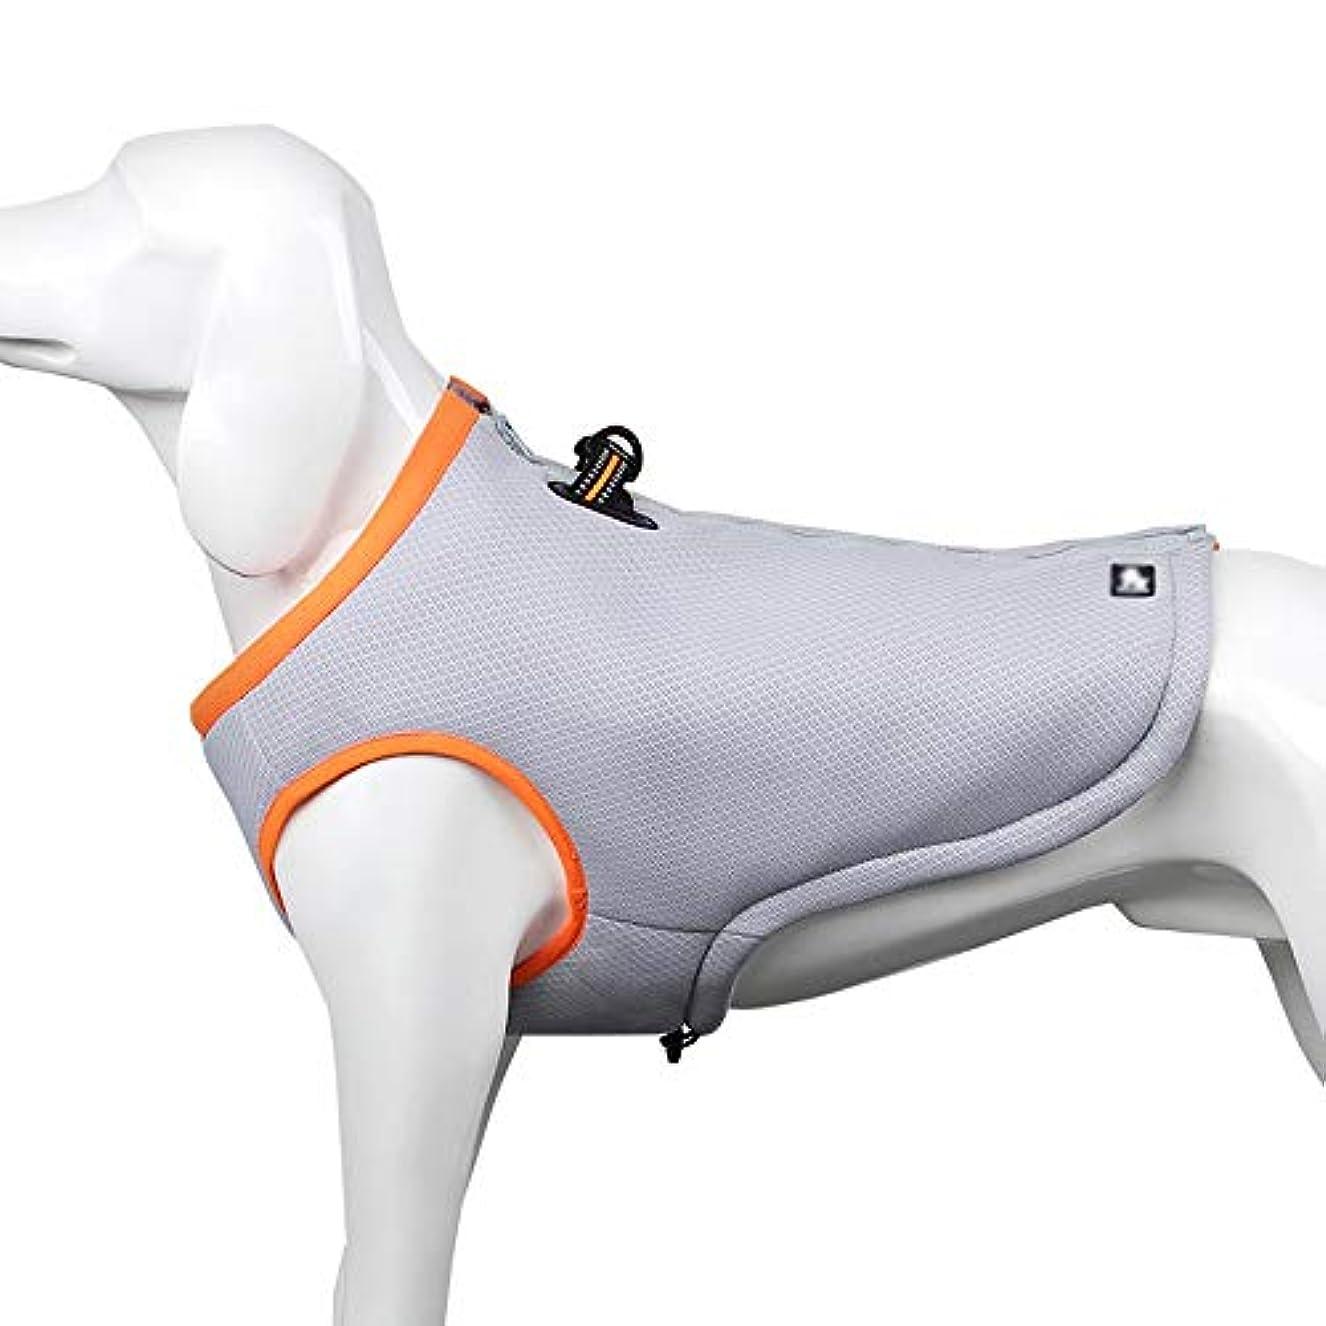 分布サンダー警察署Wazenku 犬用ハーネス引くことができないペット用ハーネス調節可能な屋外ペット用ベストスクリーンクロス素材ベスト用犬用中型大型犬用簡単制御 (色 : オレンジ, サイズ : L)